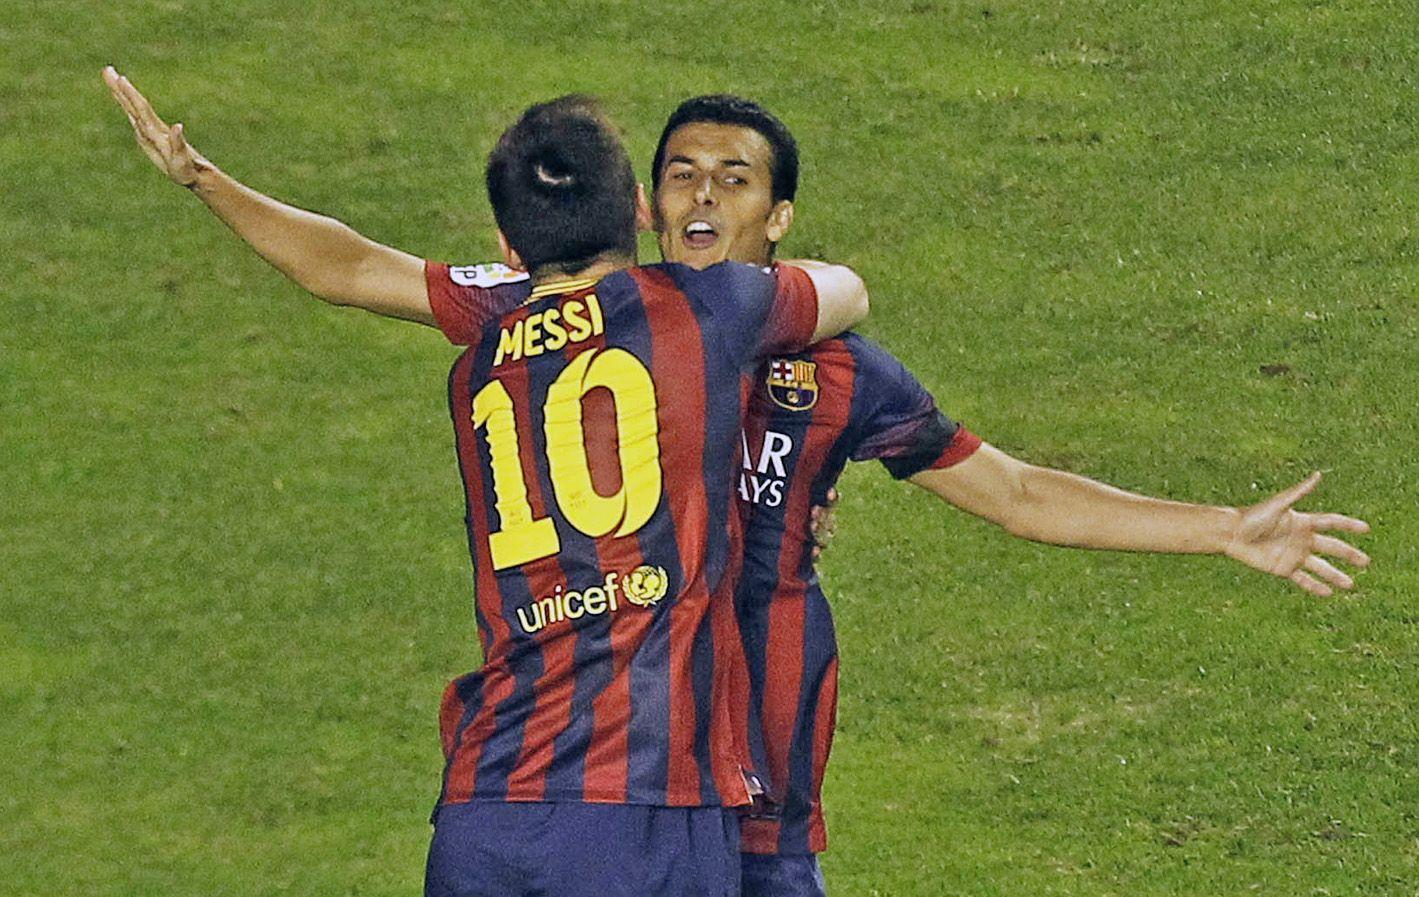 Abrazo para Pedro. Messi festeja con el delantero el primer tanto de los catalanes.